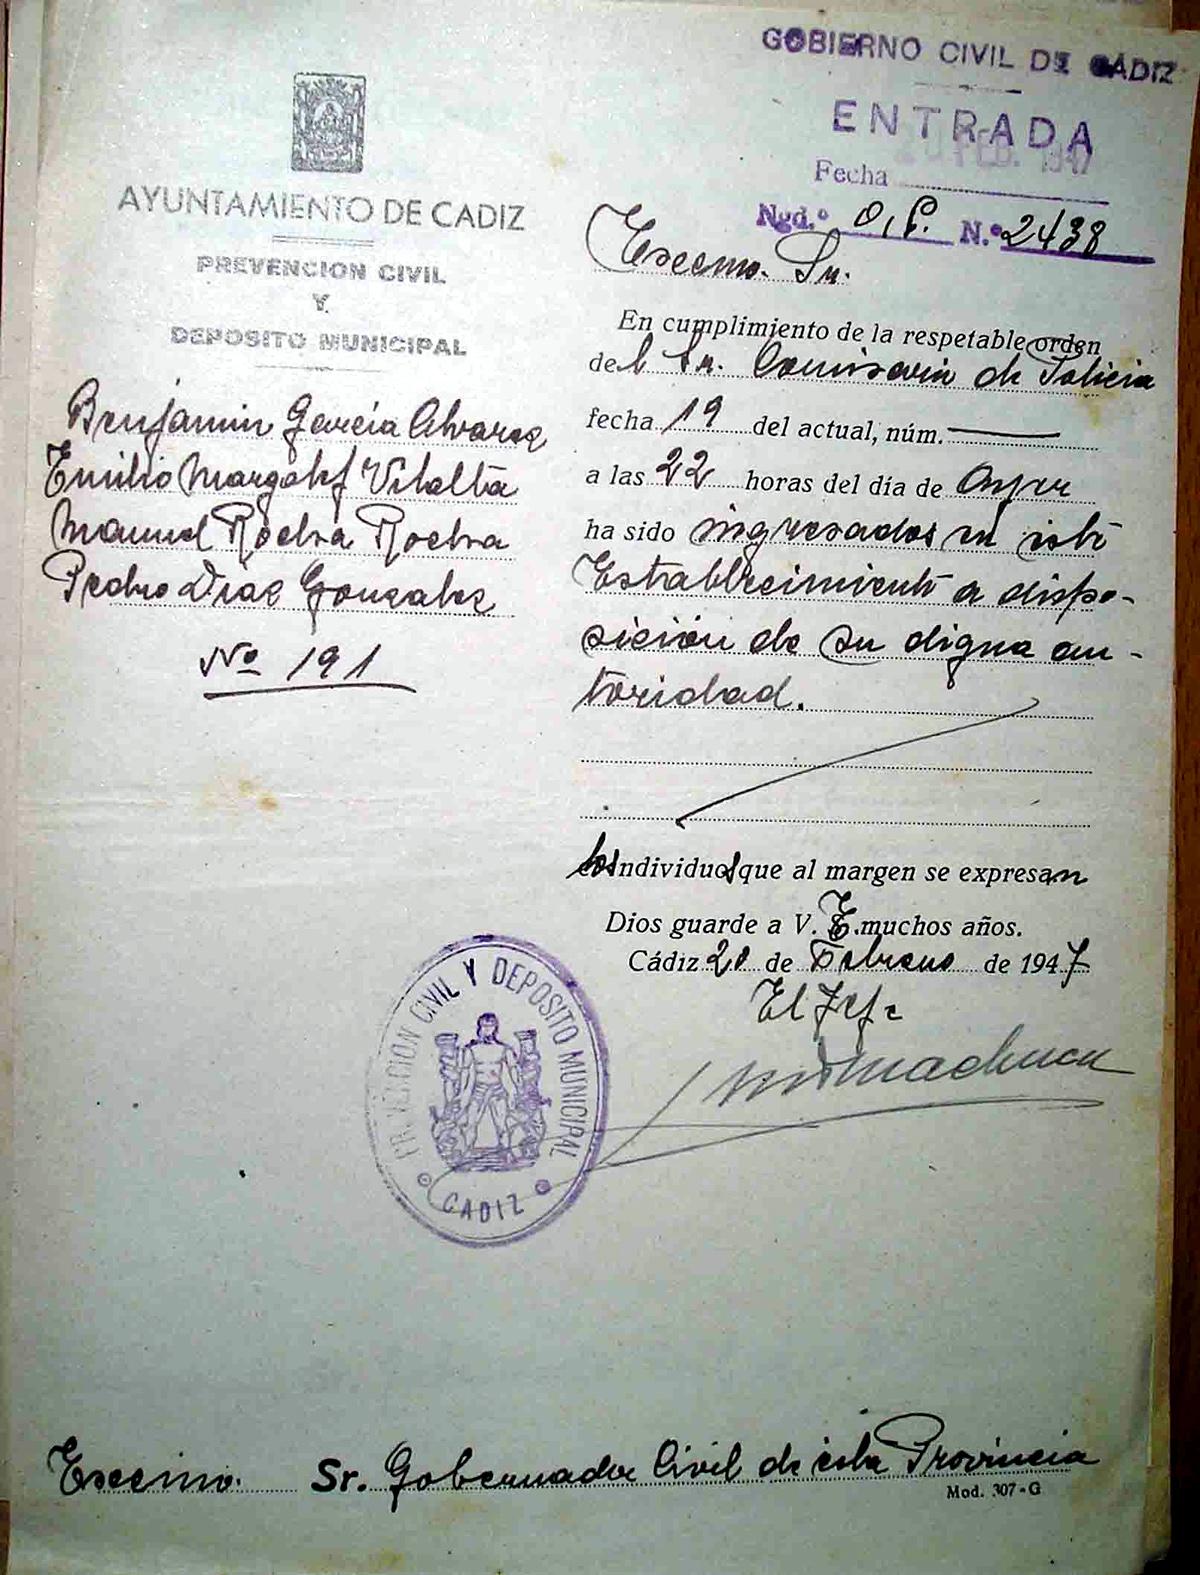 Escrito de la Prevención Civil de Cádiz notificando el ingreso de Benjamín García Álvarez